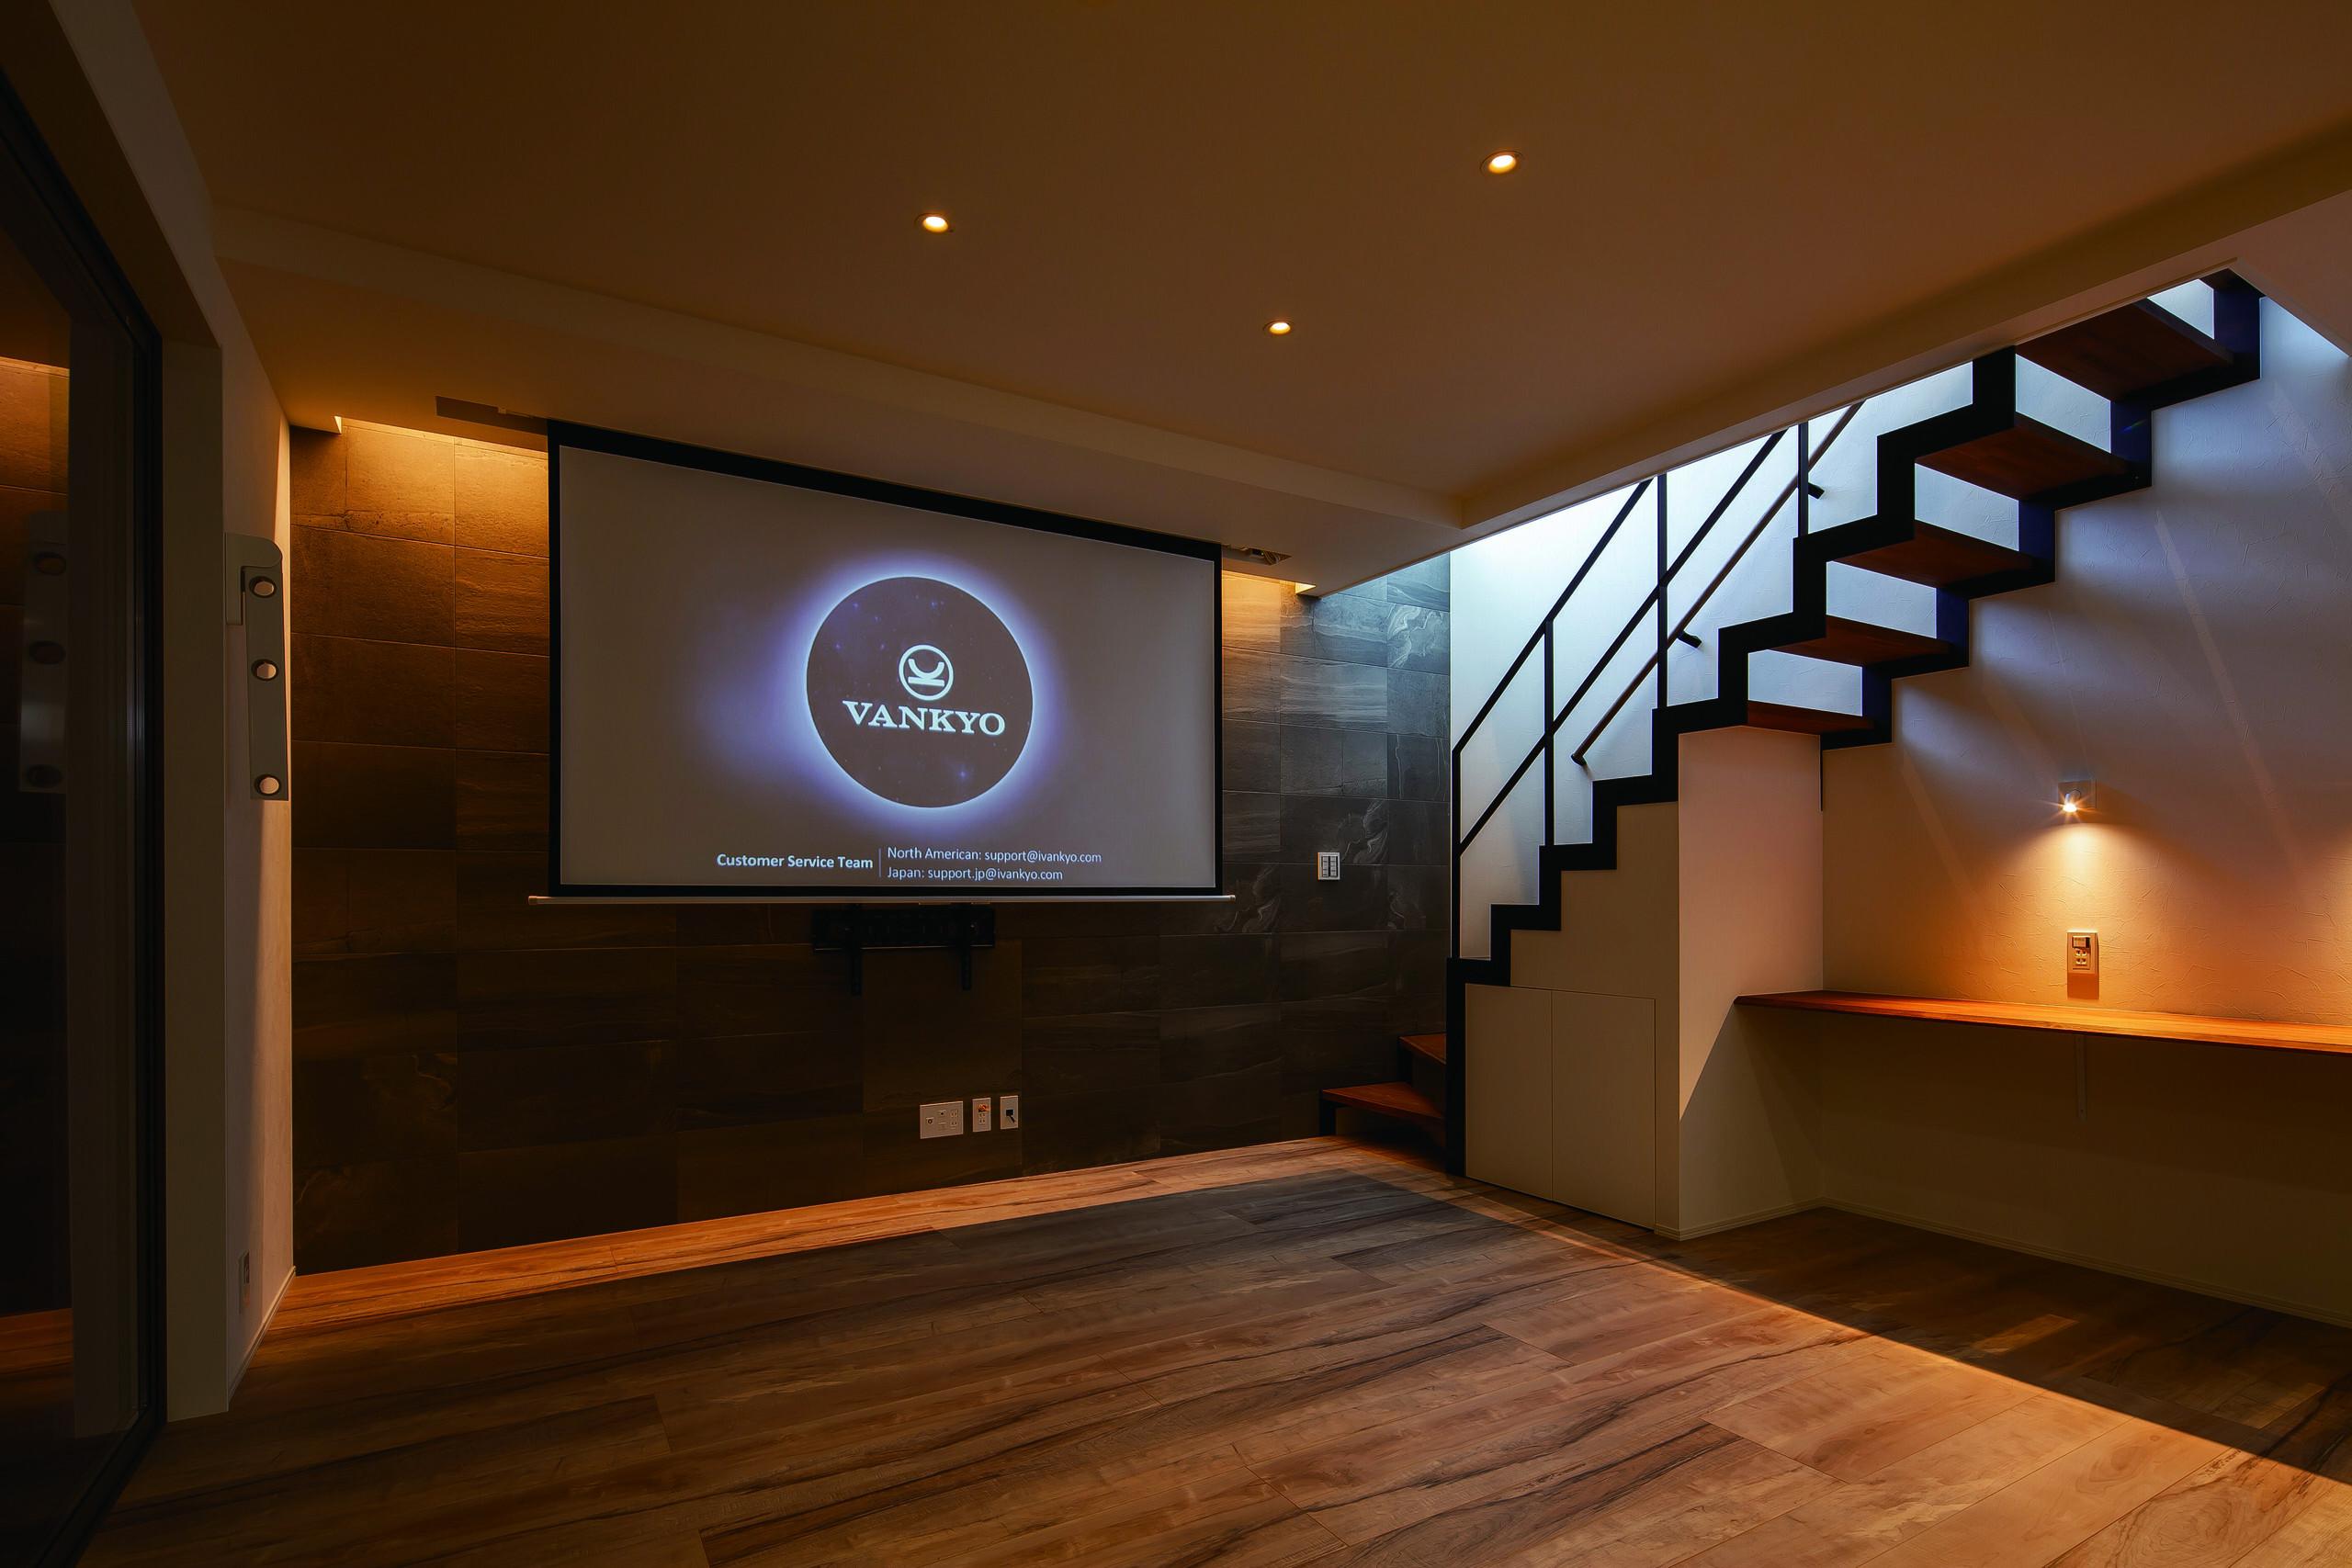 ホームシアターを拡げれば映画館のような空間に | ホームシアターのあるスタイリッシュな家